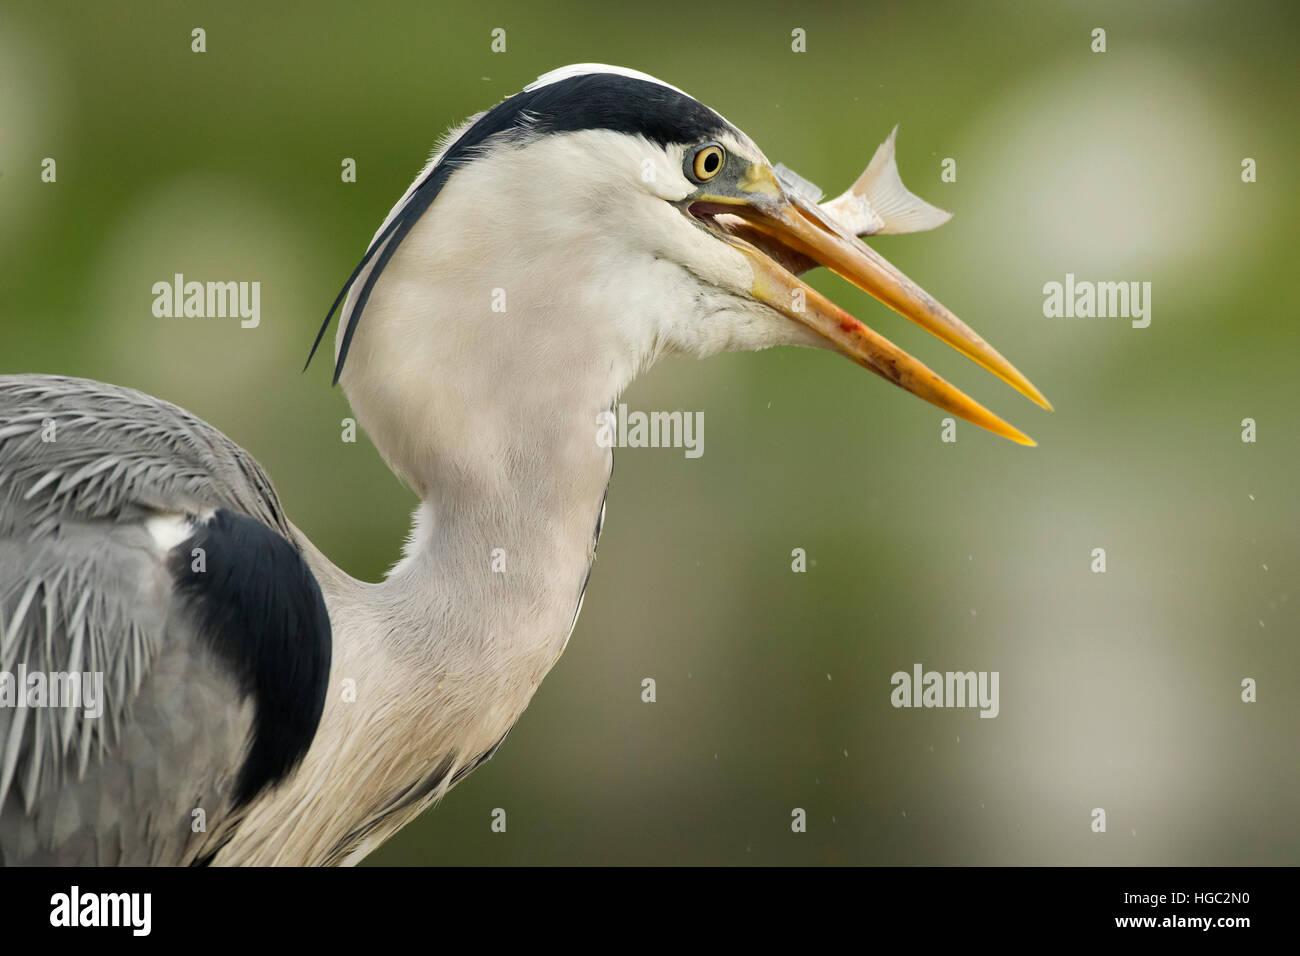 Grey heron (Ardea cinerea) swallowing a fish - Stock Image